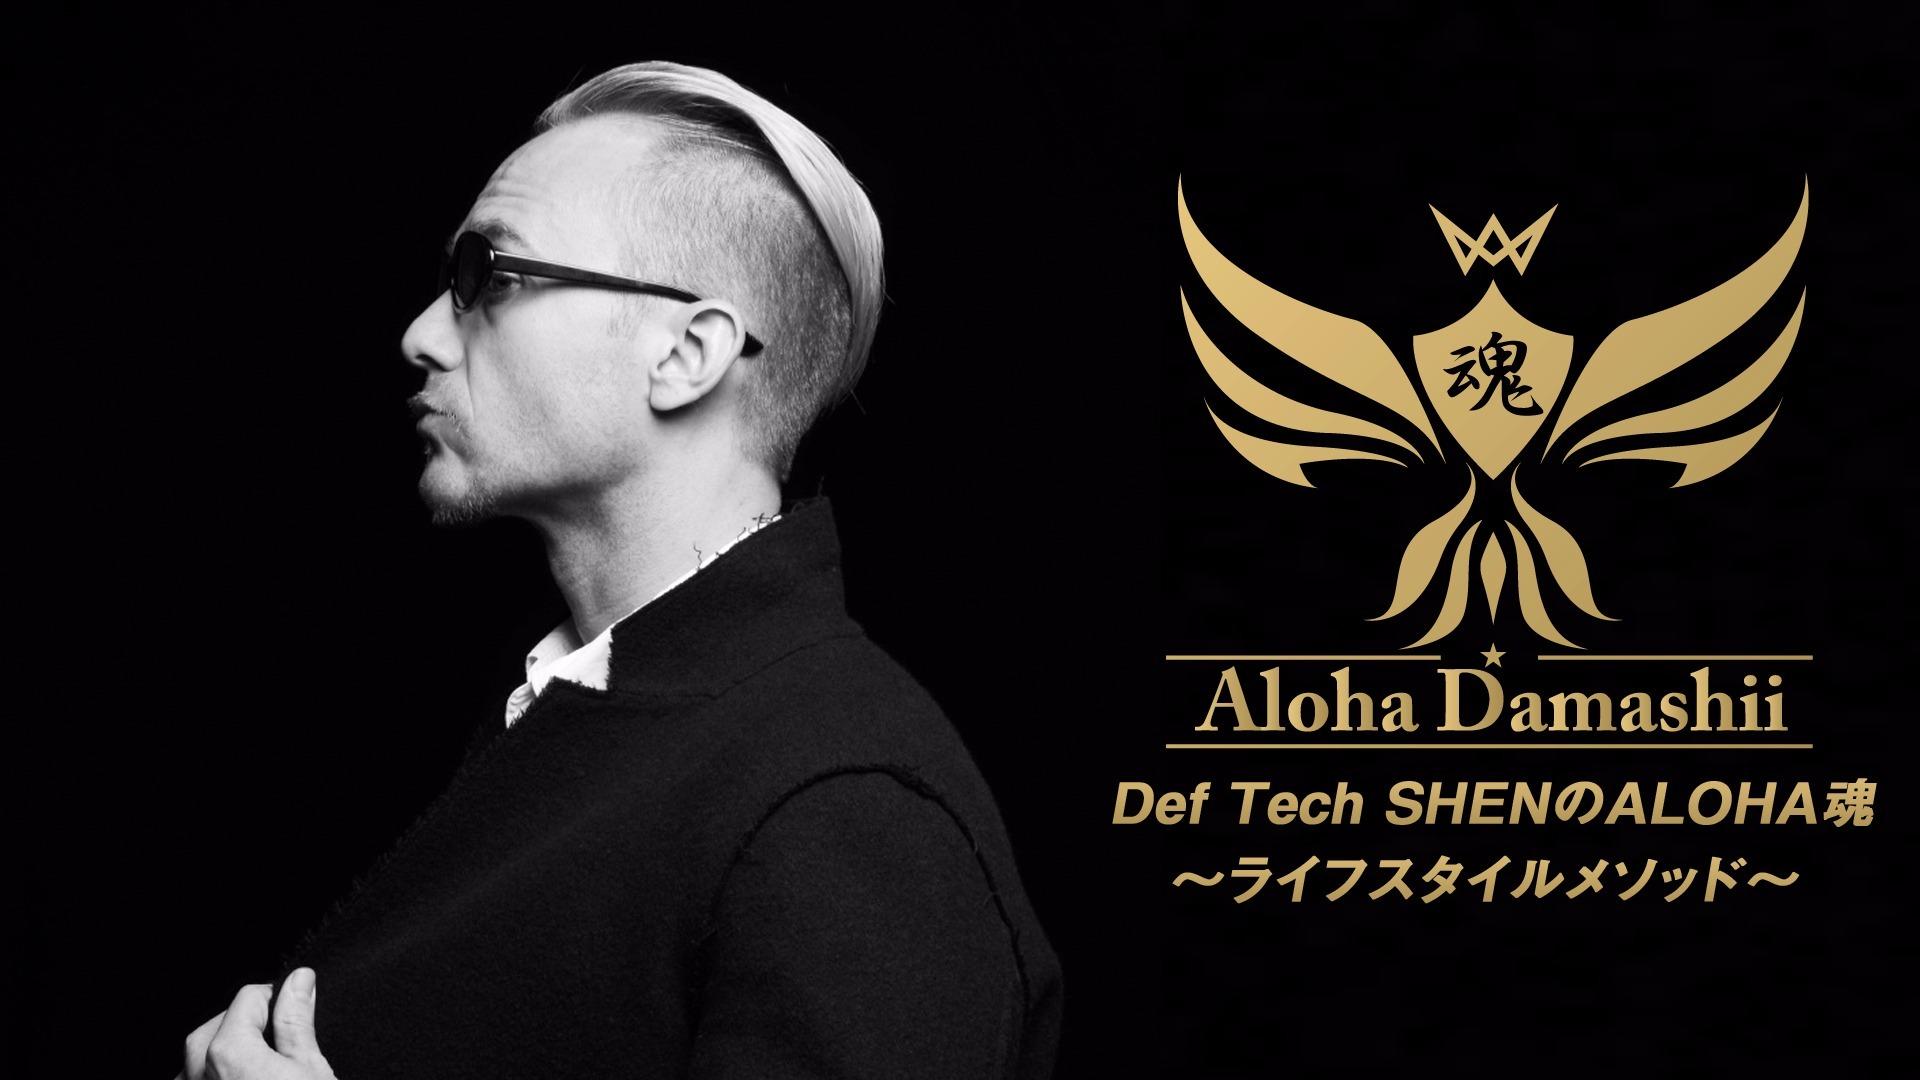 Def Tech Shen - Def Tech SHENのALOHA魂~ライフスタイルメソッド~ - DMM オンラインサロン